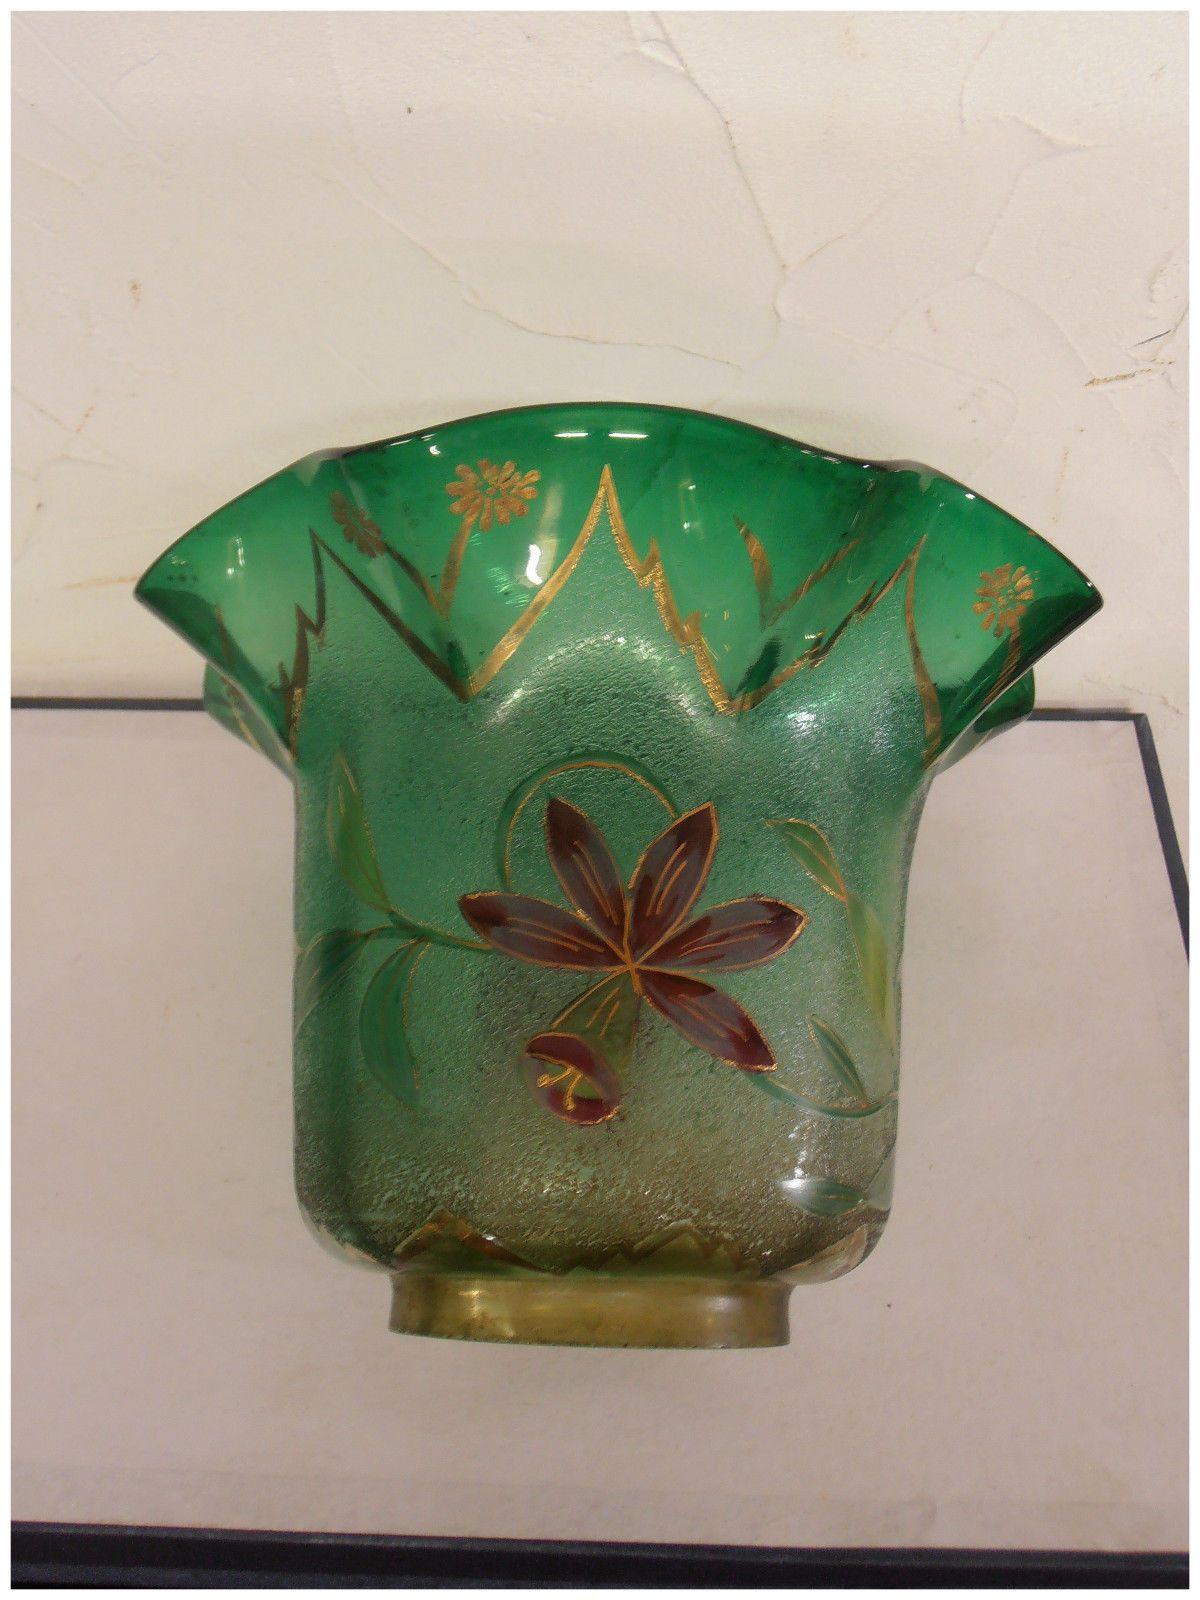 Tulipe De Lampe A Petrole Petroleum Lamp Tulip Cristal De Baccarat Ebay Baccarat Lamp Smoke Bell